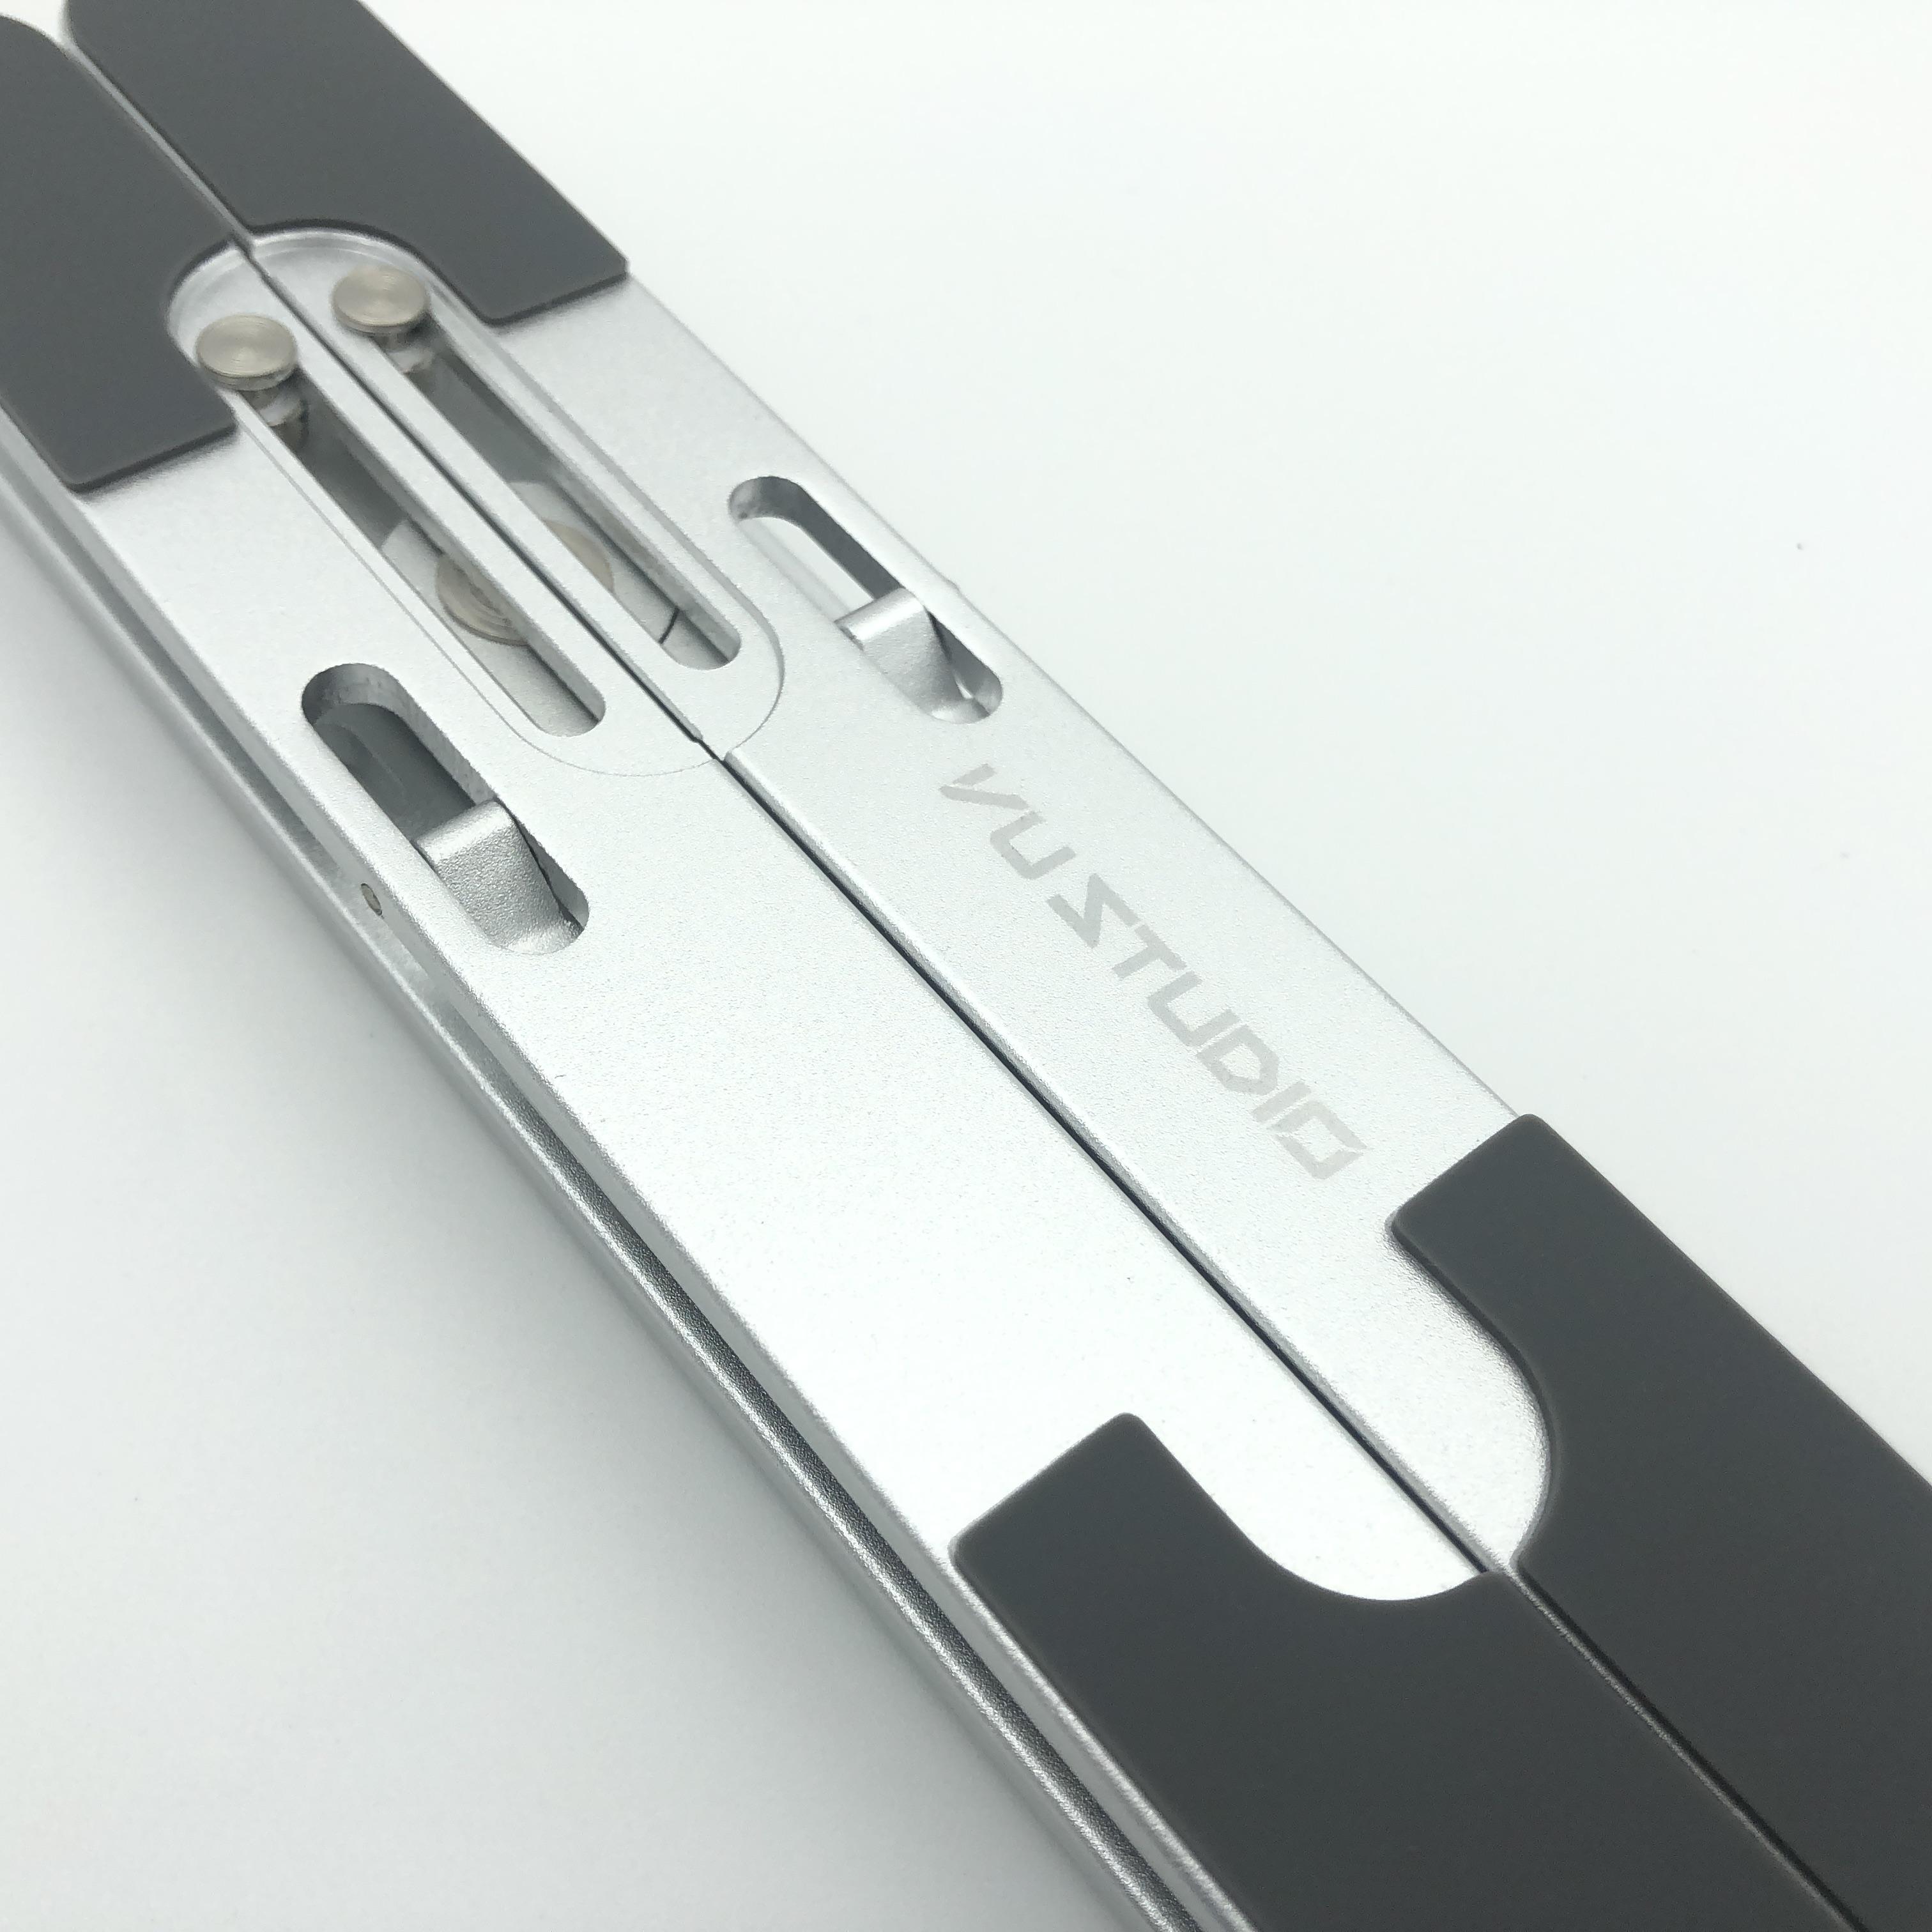 Giá đỡ laptop gấp gọn, chống mỏi vai gáy D103 Vu Studio - Hàng chính hãng